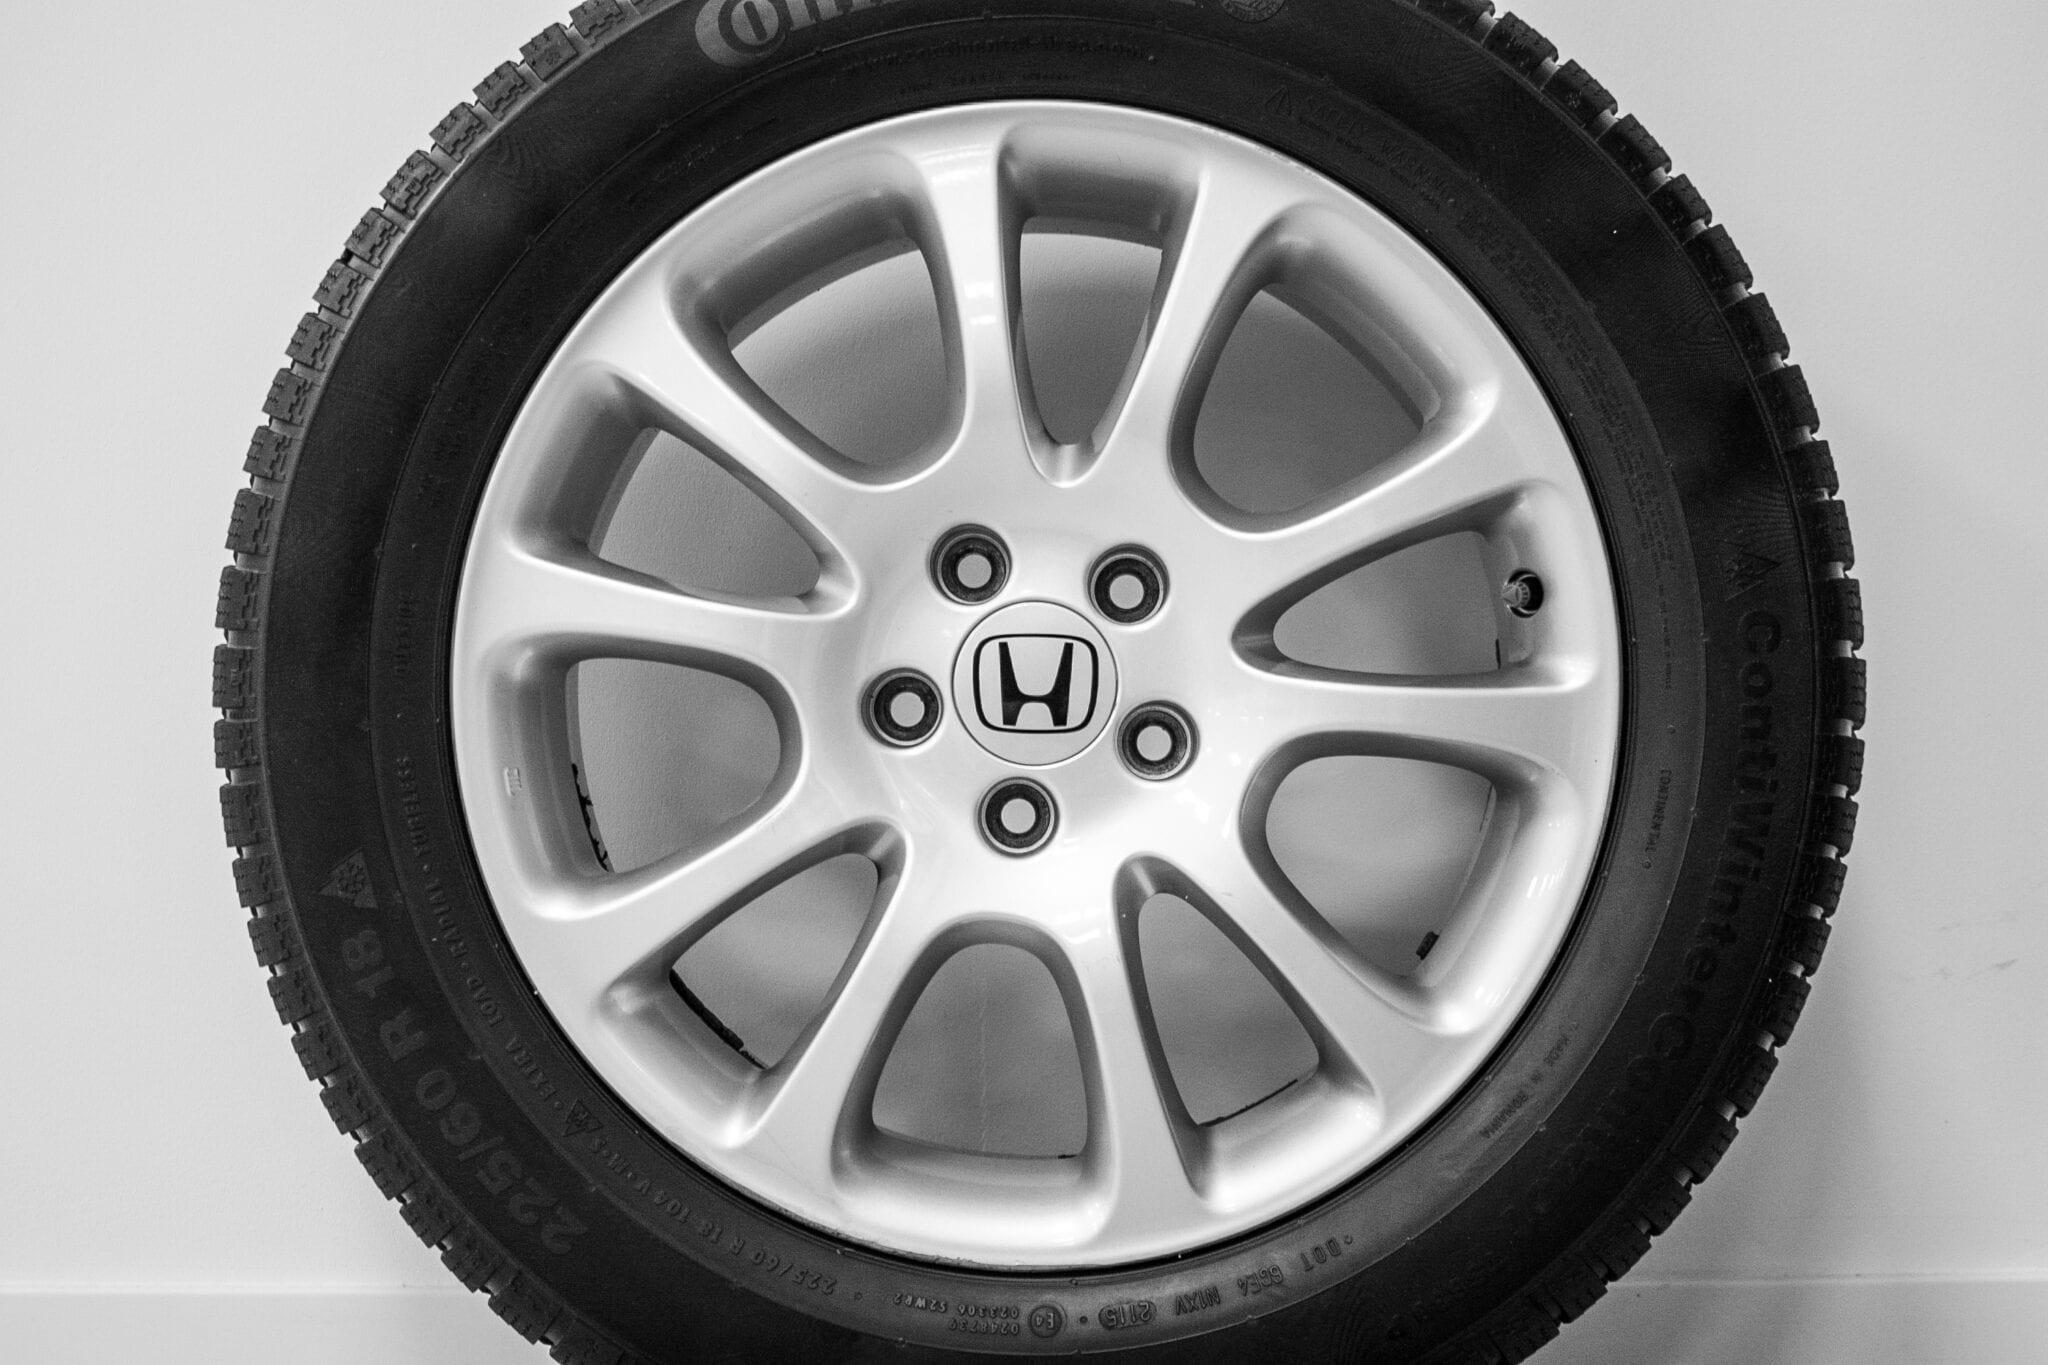 """18"""" Winterwielen voor de Honda CR-V ('07-'17) €499,- Gebruikt. Profieldiepte: 5.5mm - 6.5mm"""